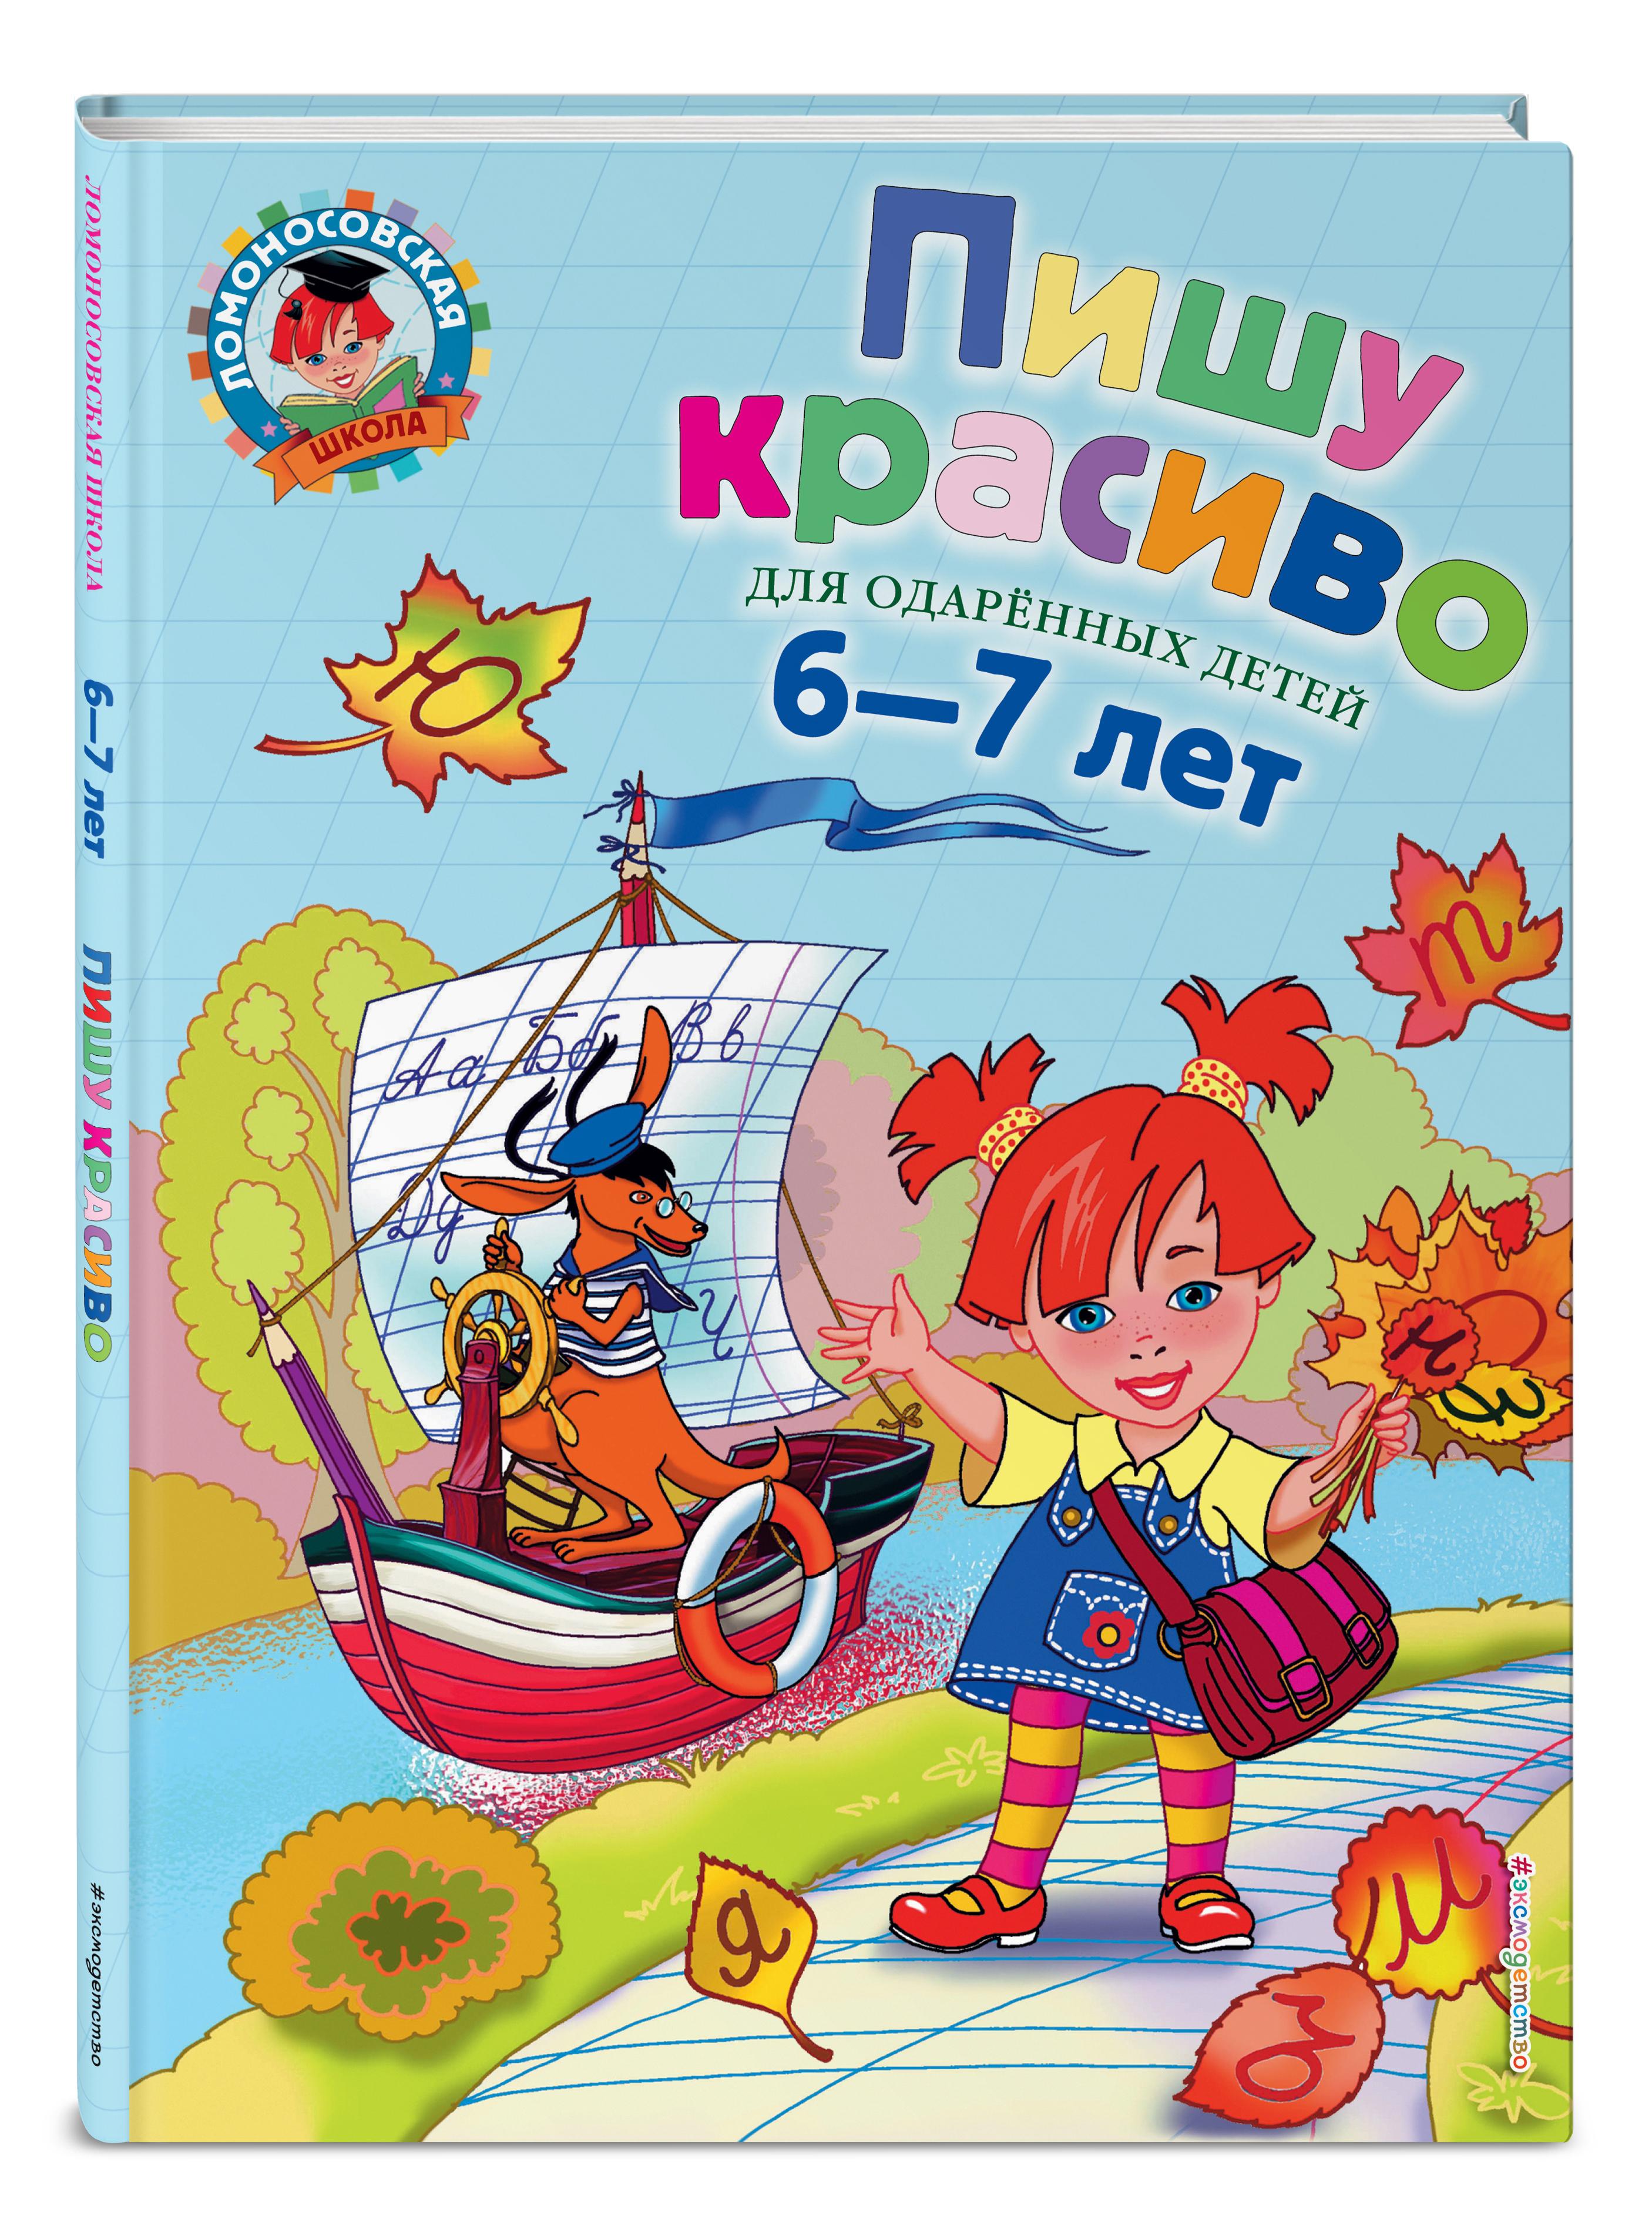 Володина Н.В. Пишу красиво: для детей 6-7 лет эксмо говорю красиво для детей 6 7 лет